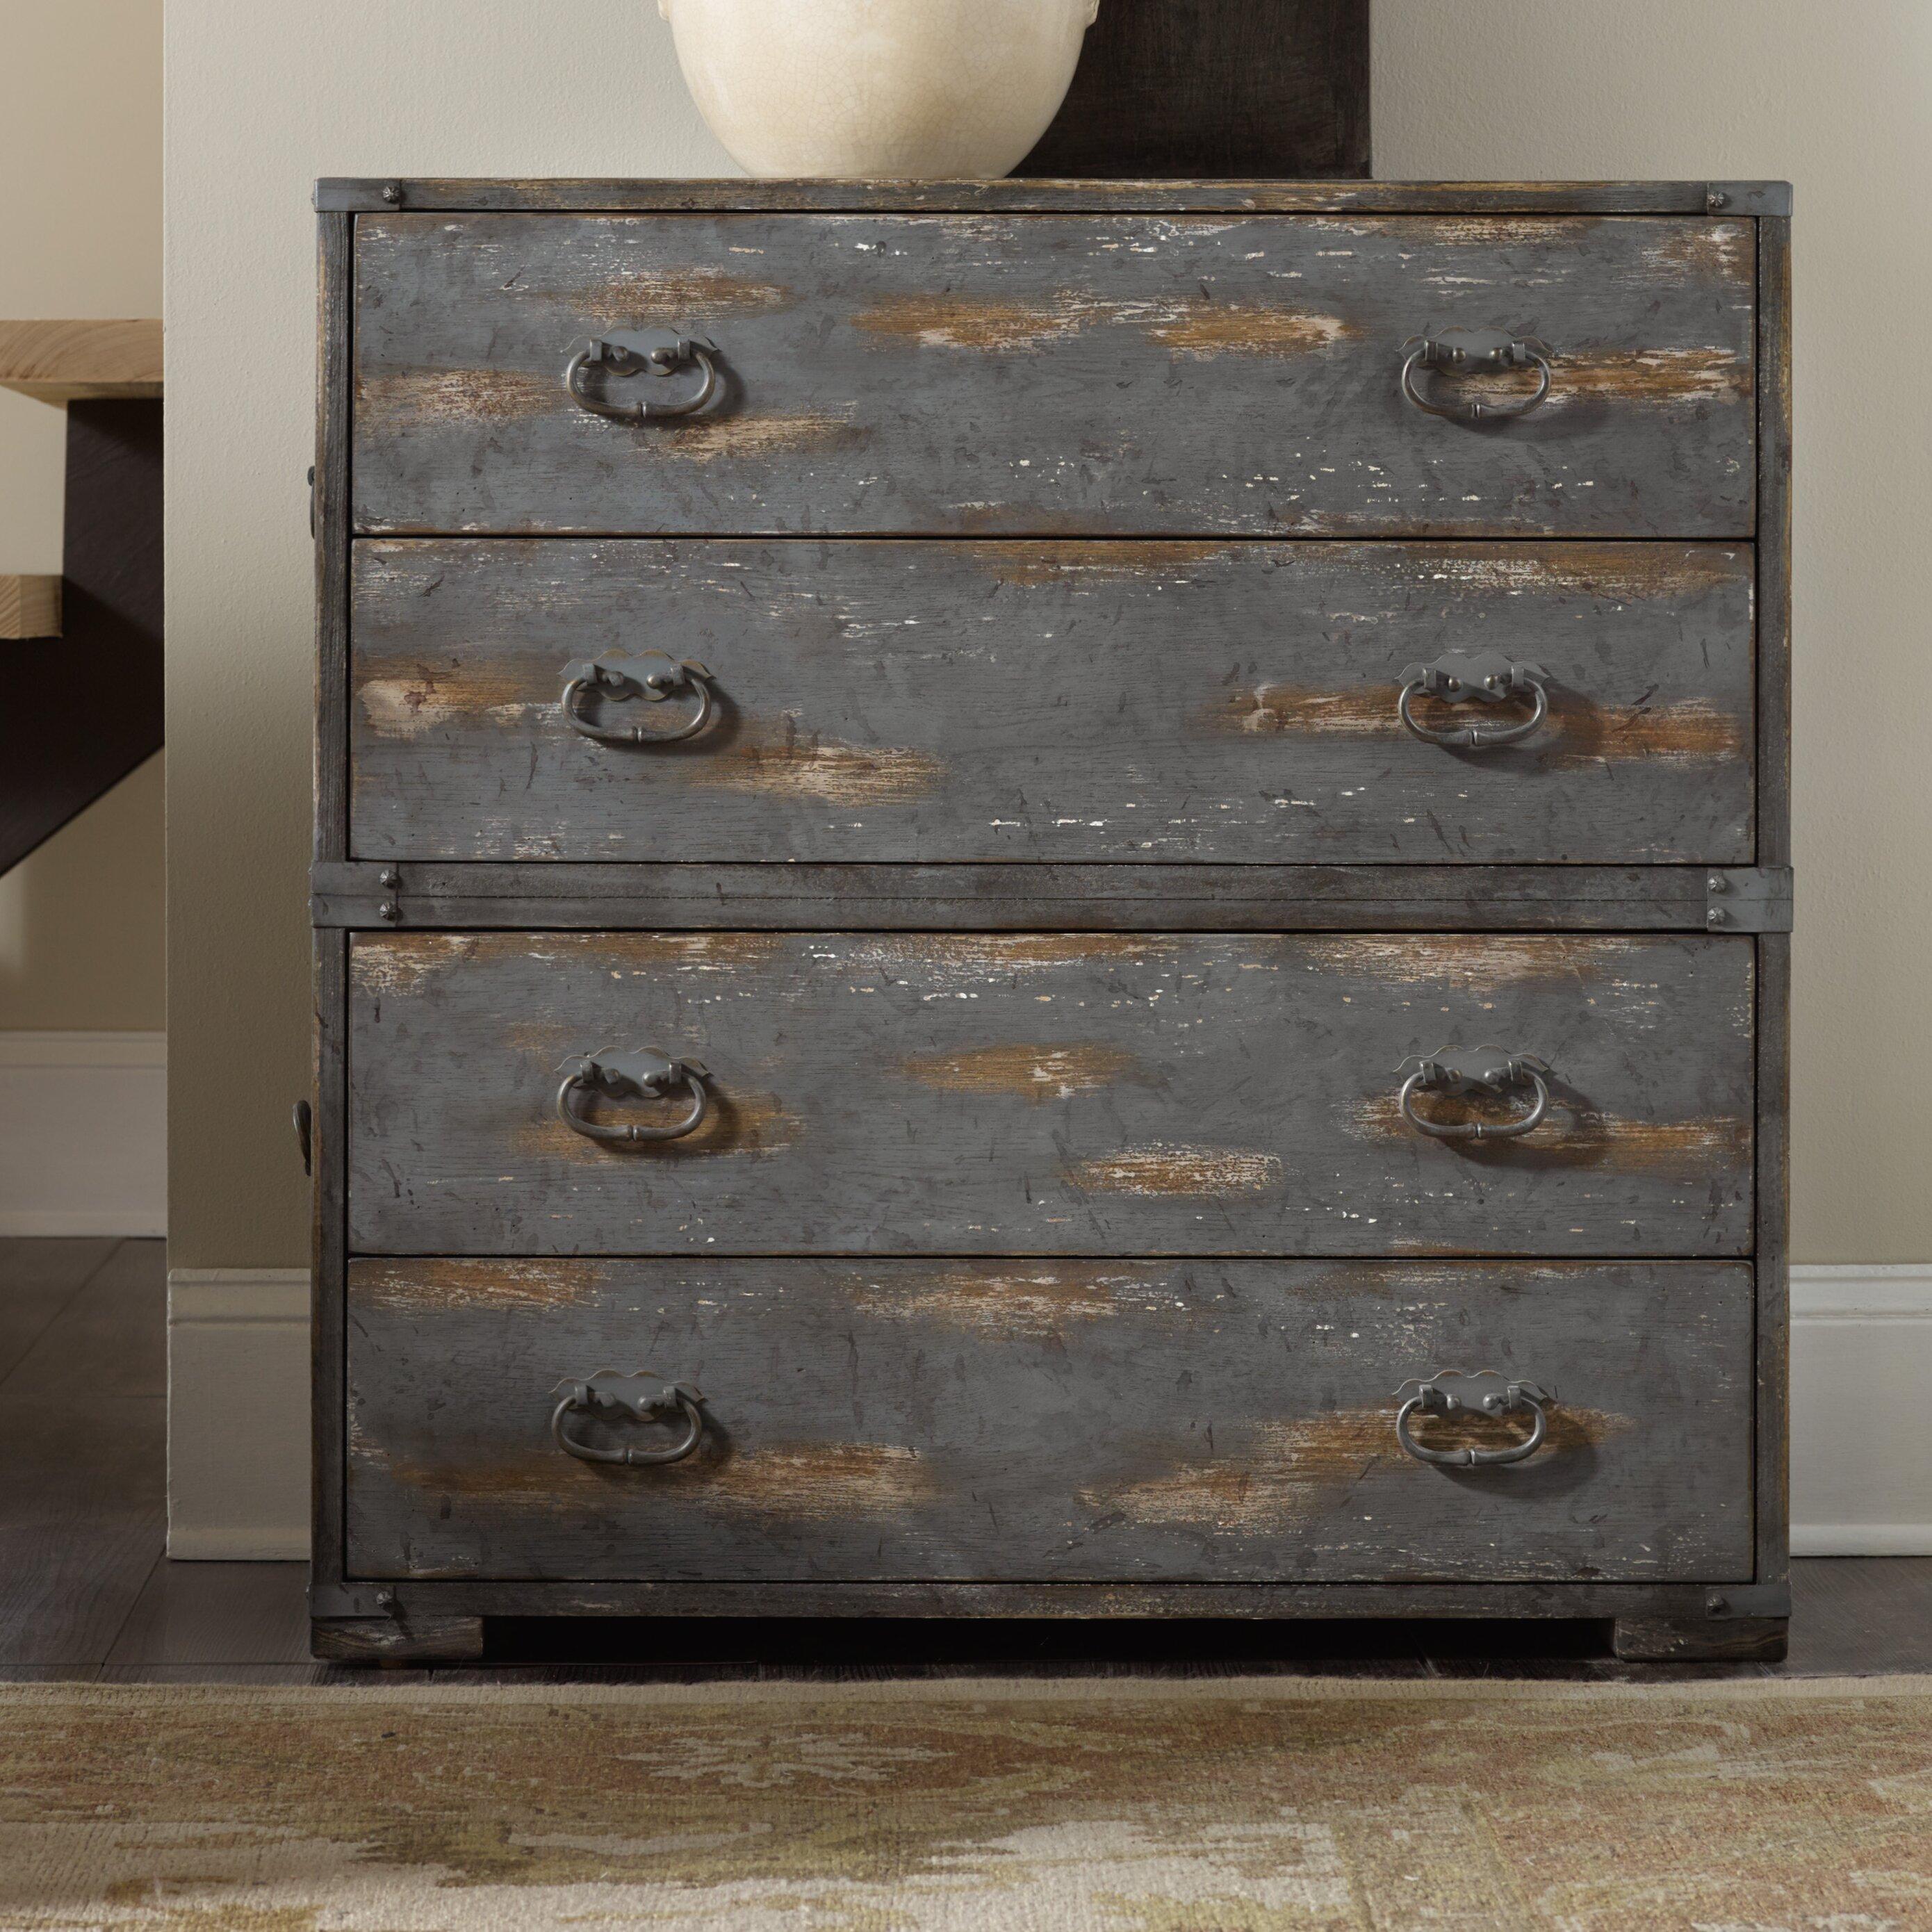 hooker furniture 4 drawer accent chest. Black Bedroom Furniture Sets. Home Design Ideas